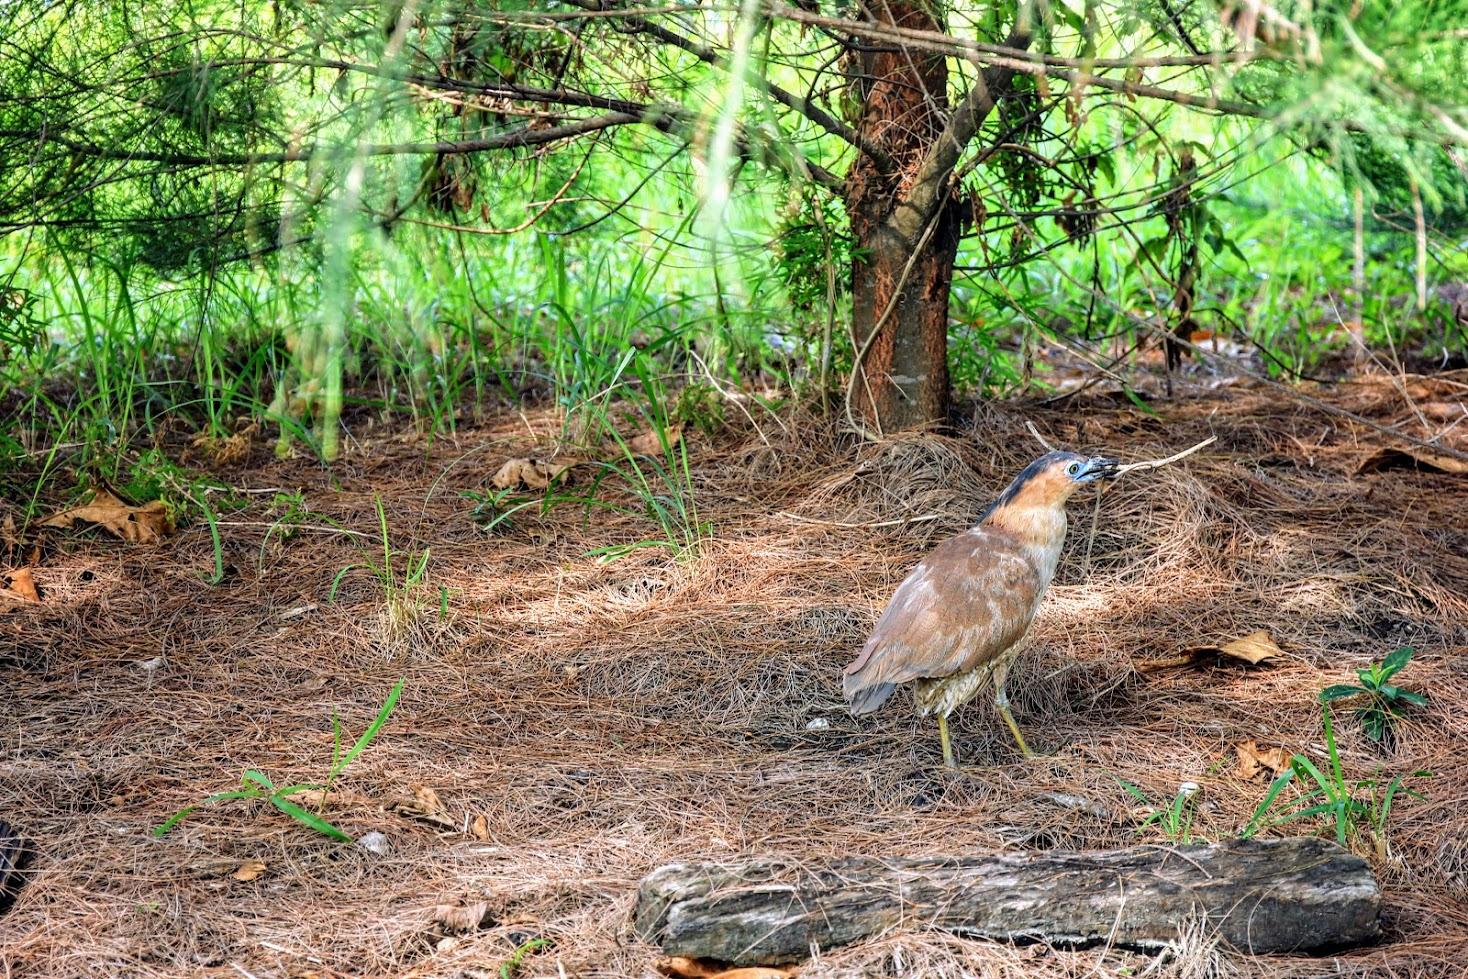 不知道是什麼鳥,但這隻鳥很悠閒又不害怕的抓取樹支要去築巢吧?